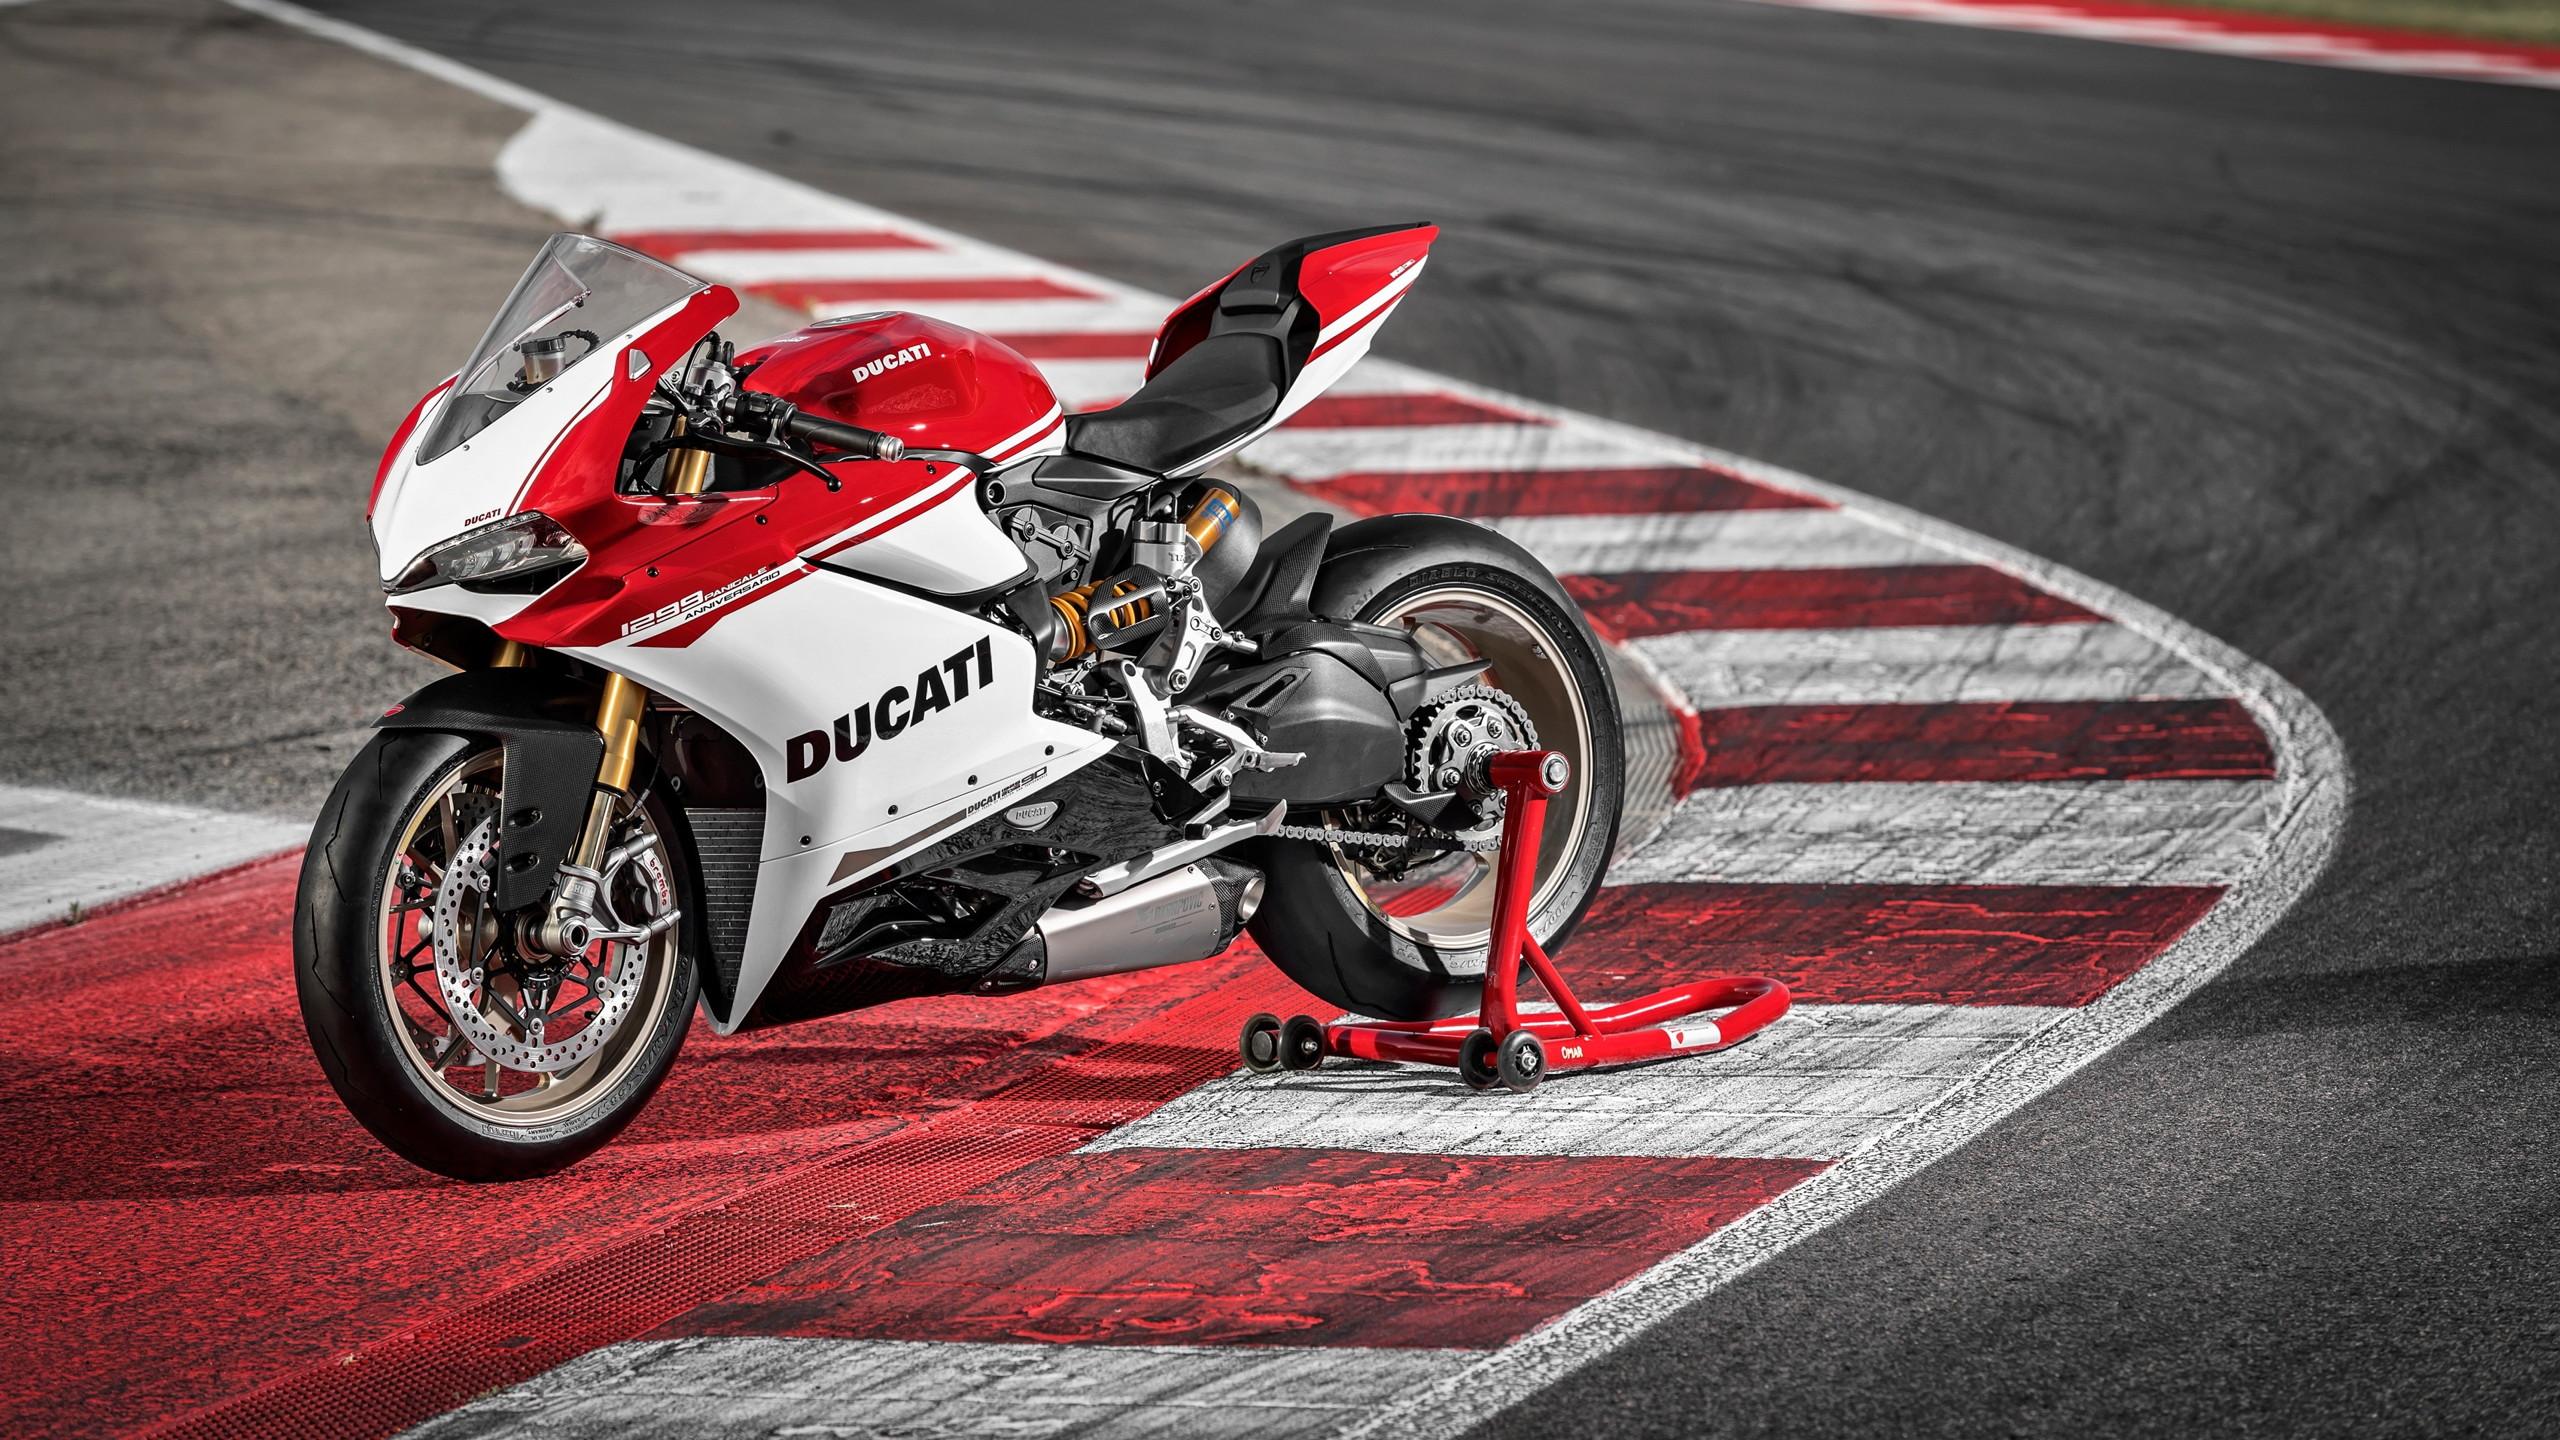 Tuyển chọn 70 hình nền siêu xe moto của các dòng siêu xe nổi tiếng như Ducati, Z1000, Kawasaki\u2026 đẹp nhất thế giới full HD cực chất.